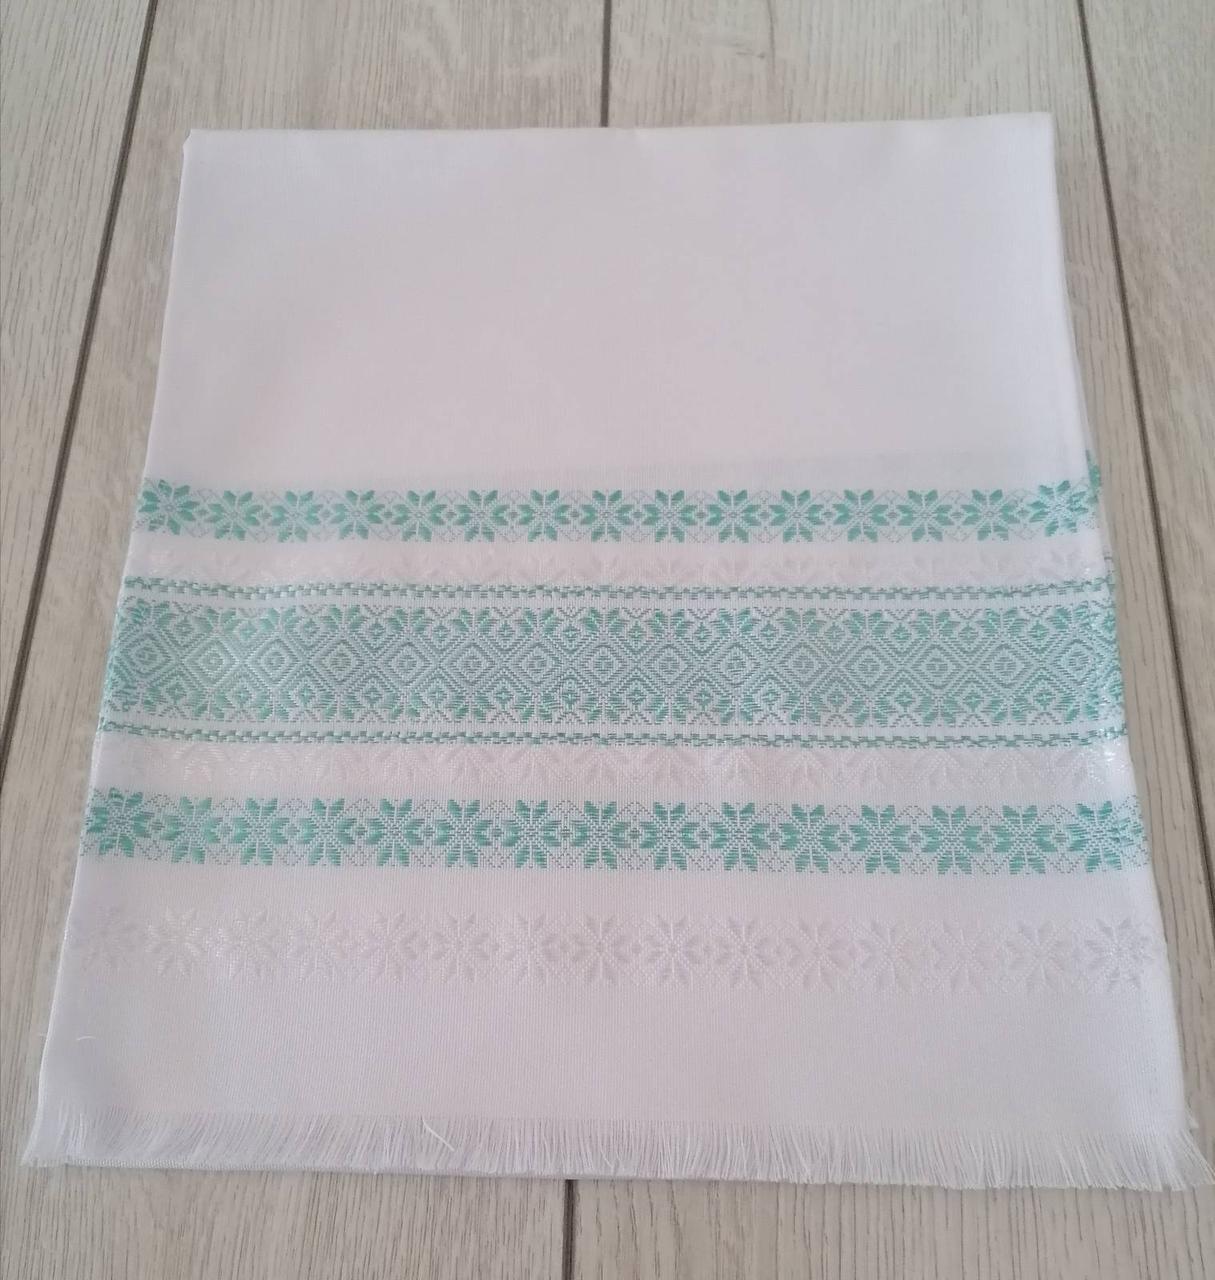 Тканый льняной рушник Волинські візерунки с мятным орнаментом 80 см